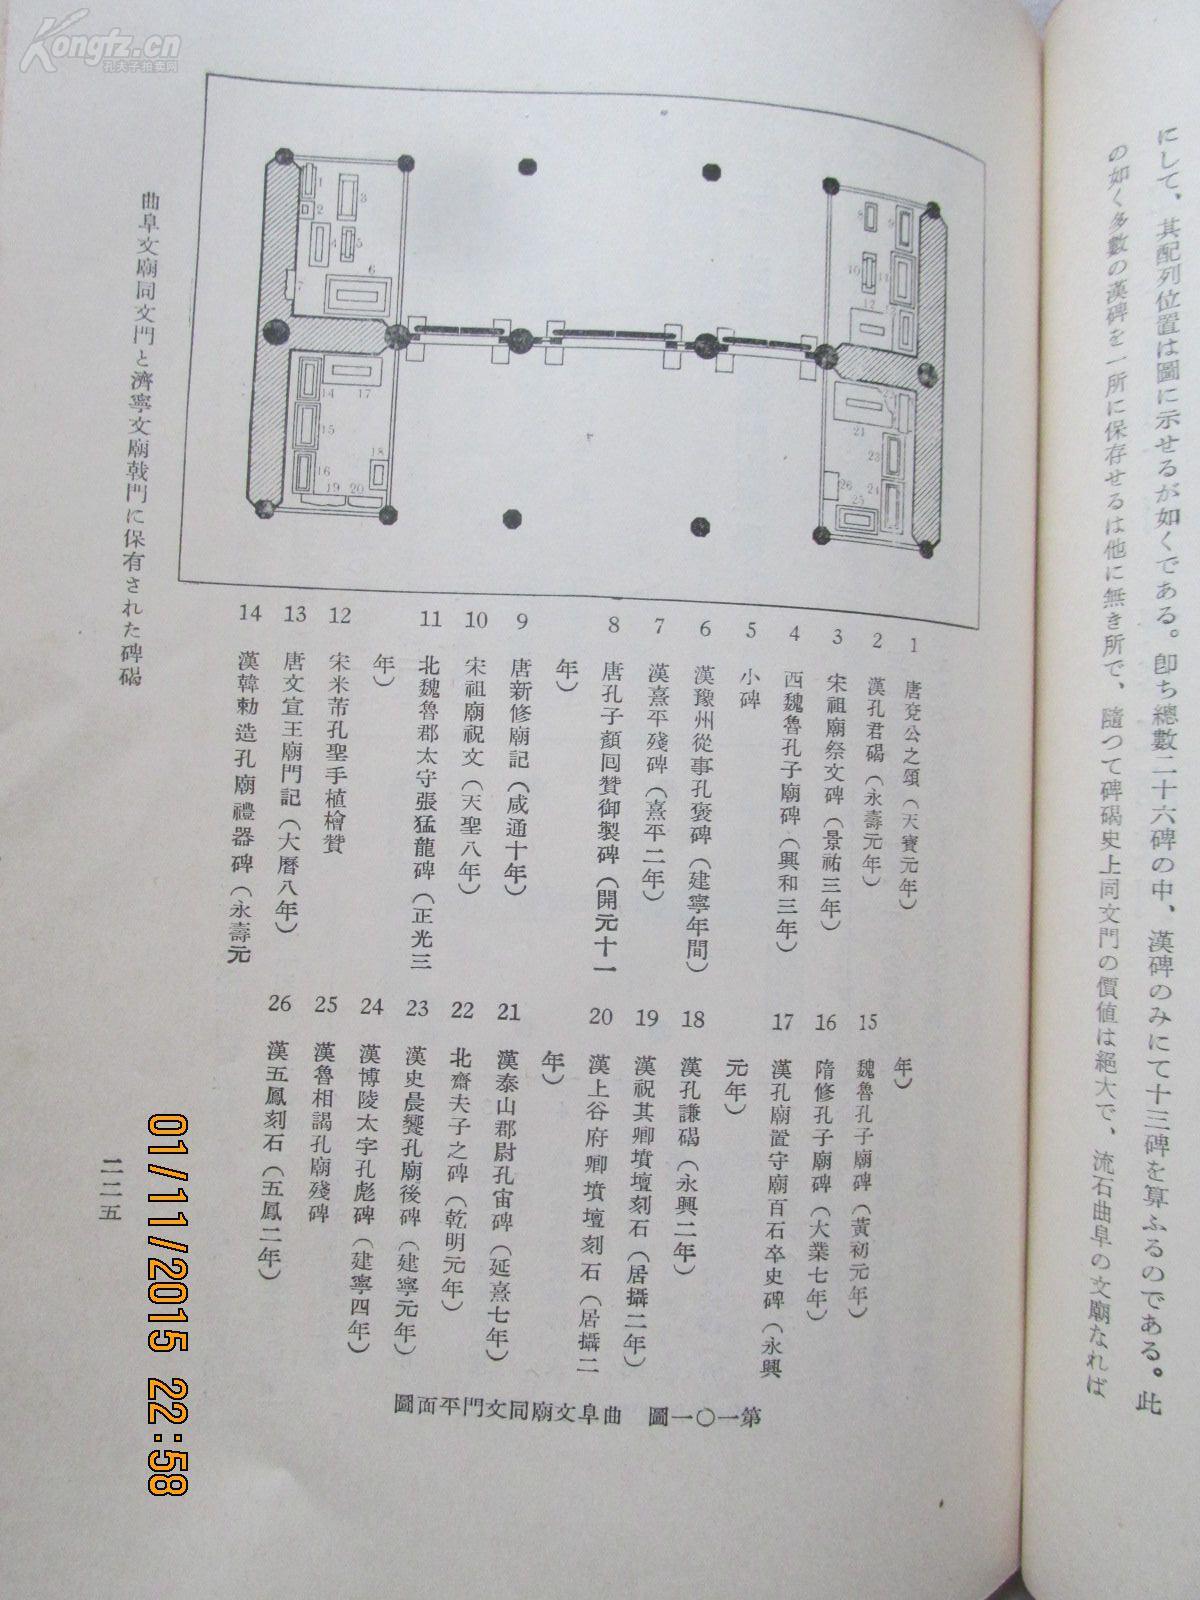 《艺术的建筑和门面》一巨厚册800多页襄阳支那装修设计公司图片